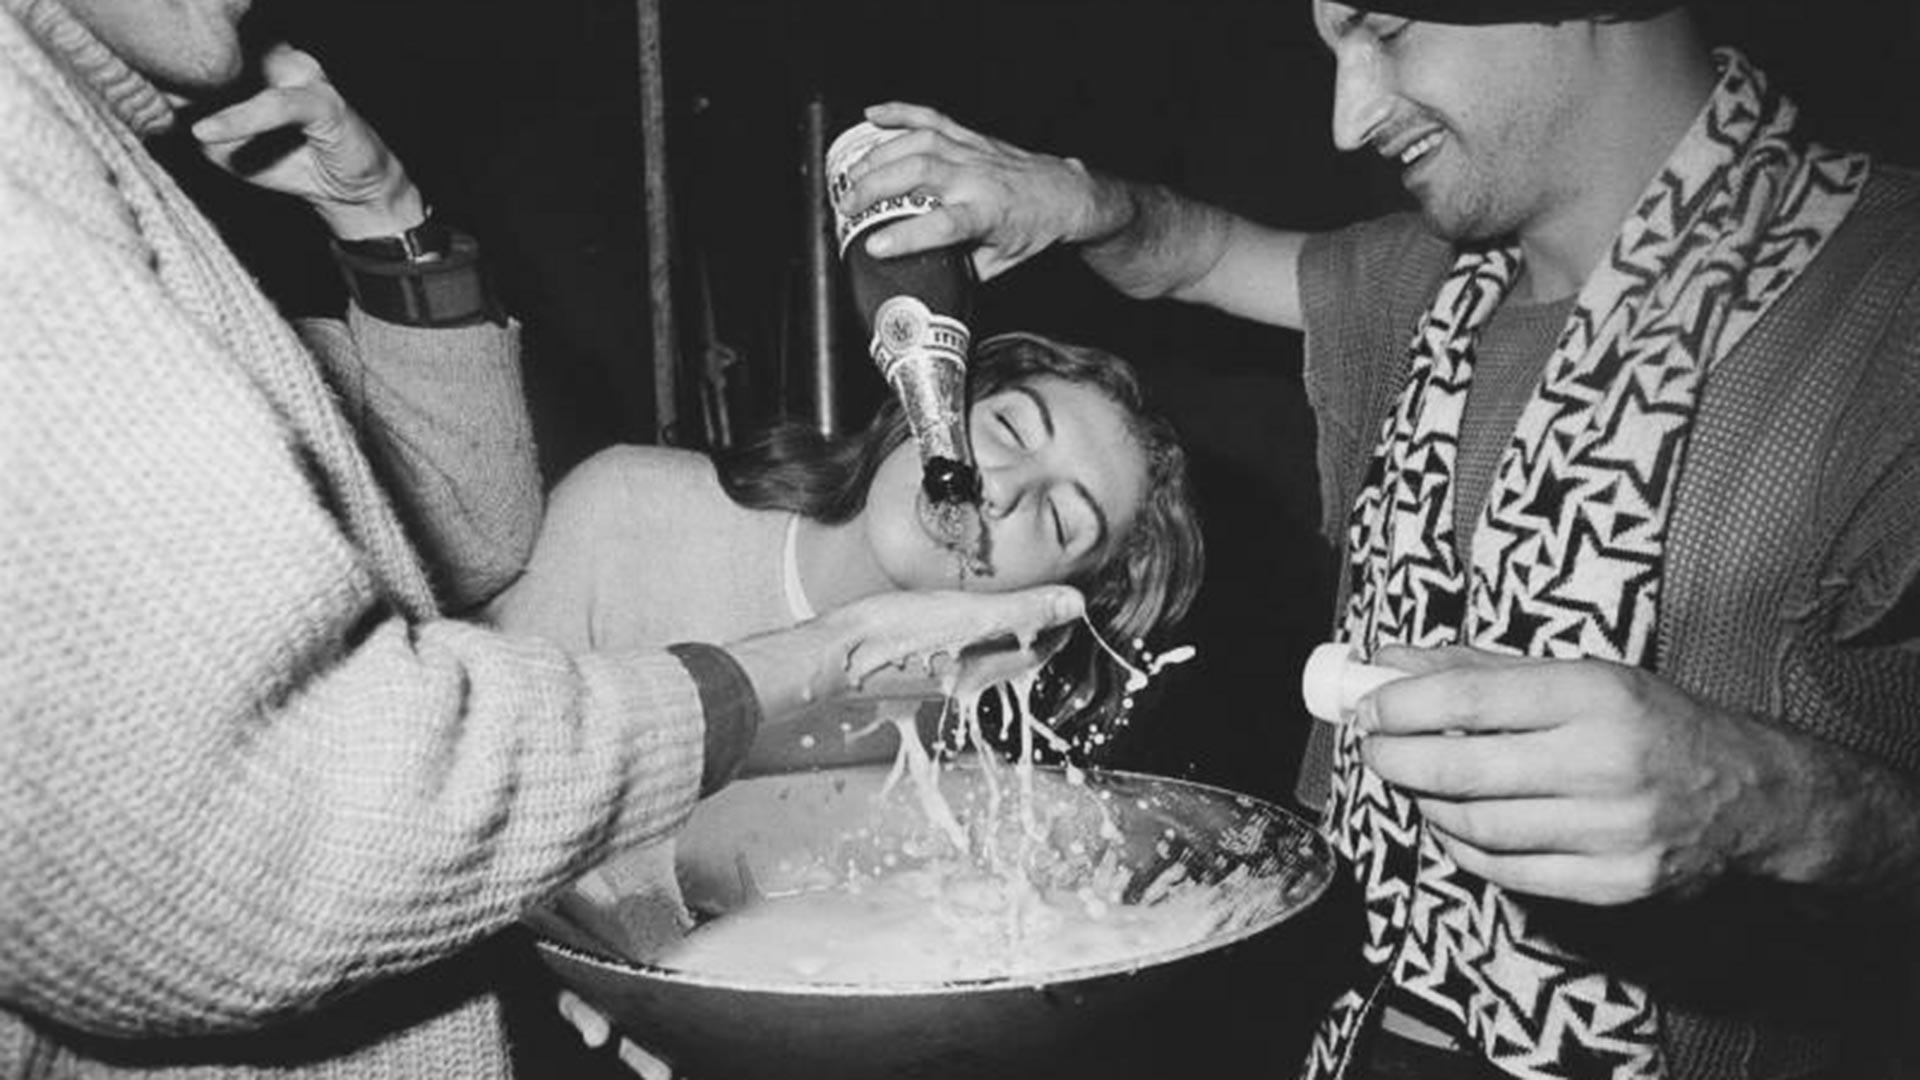 Фотографија са рођенданске забаве совјетског музичара Германа Виноградова 1988. године.